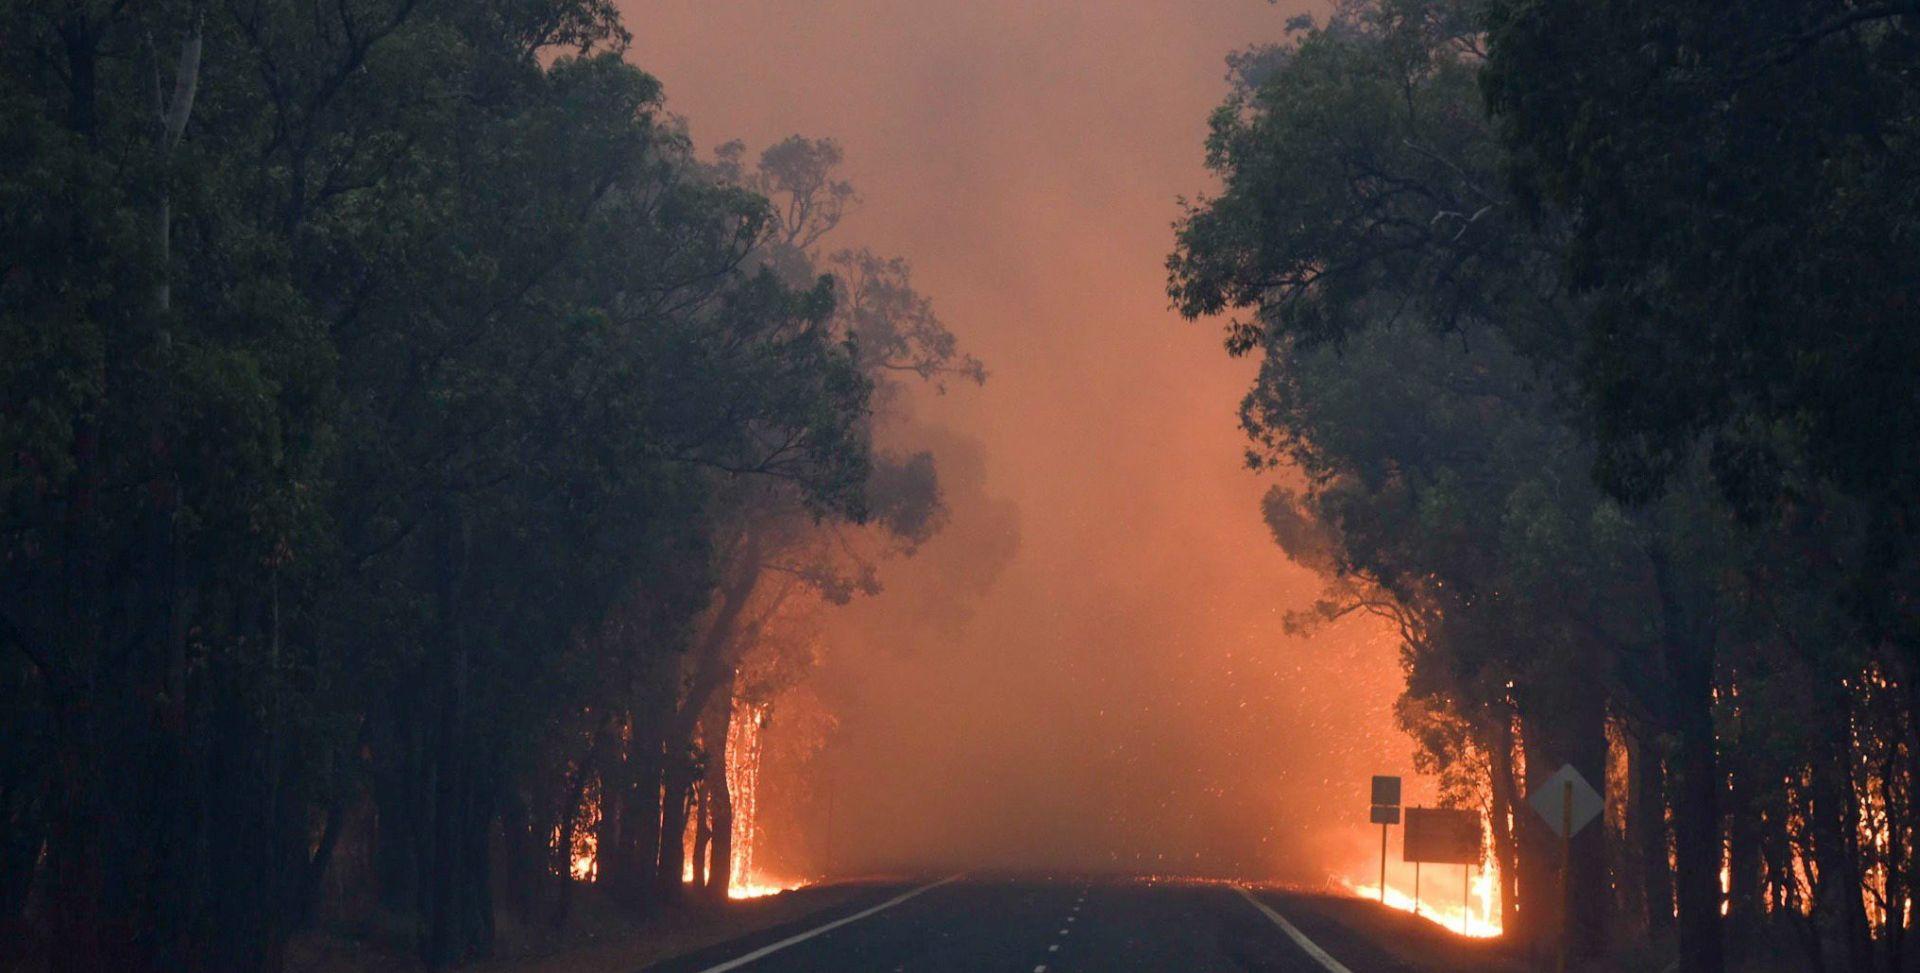 IZGORJELO VIŠE OD 100 KUĆA: U velikom požaru dvoje mrtvih u Zapadnoj Australiji